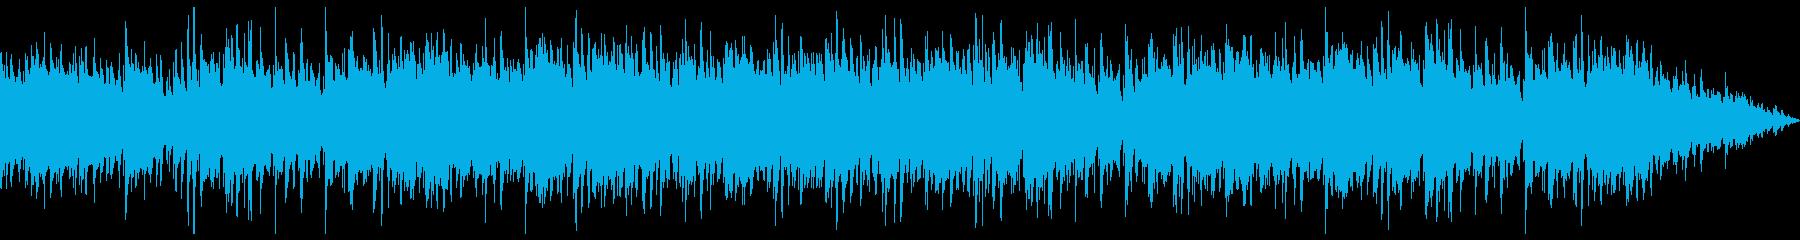 お洒落なカフェをイメージしたジャズBGMの再生済みの波形